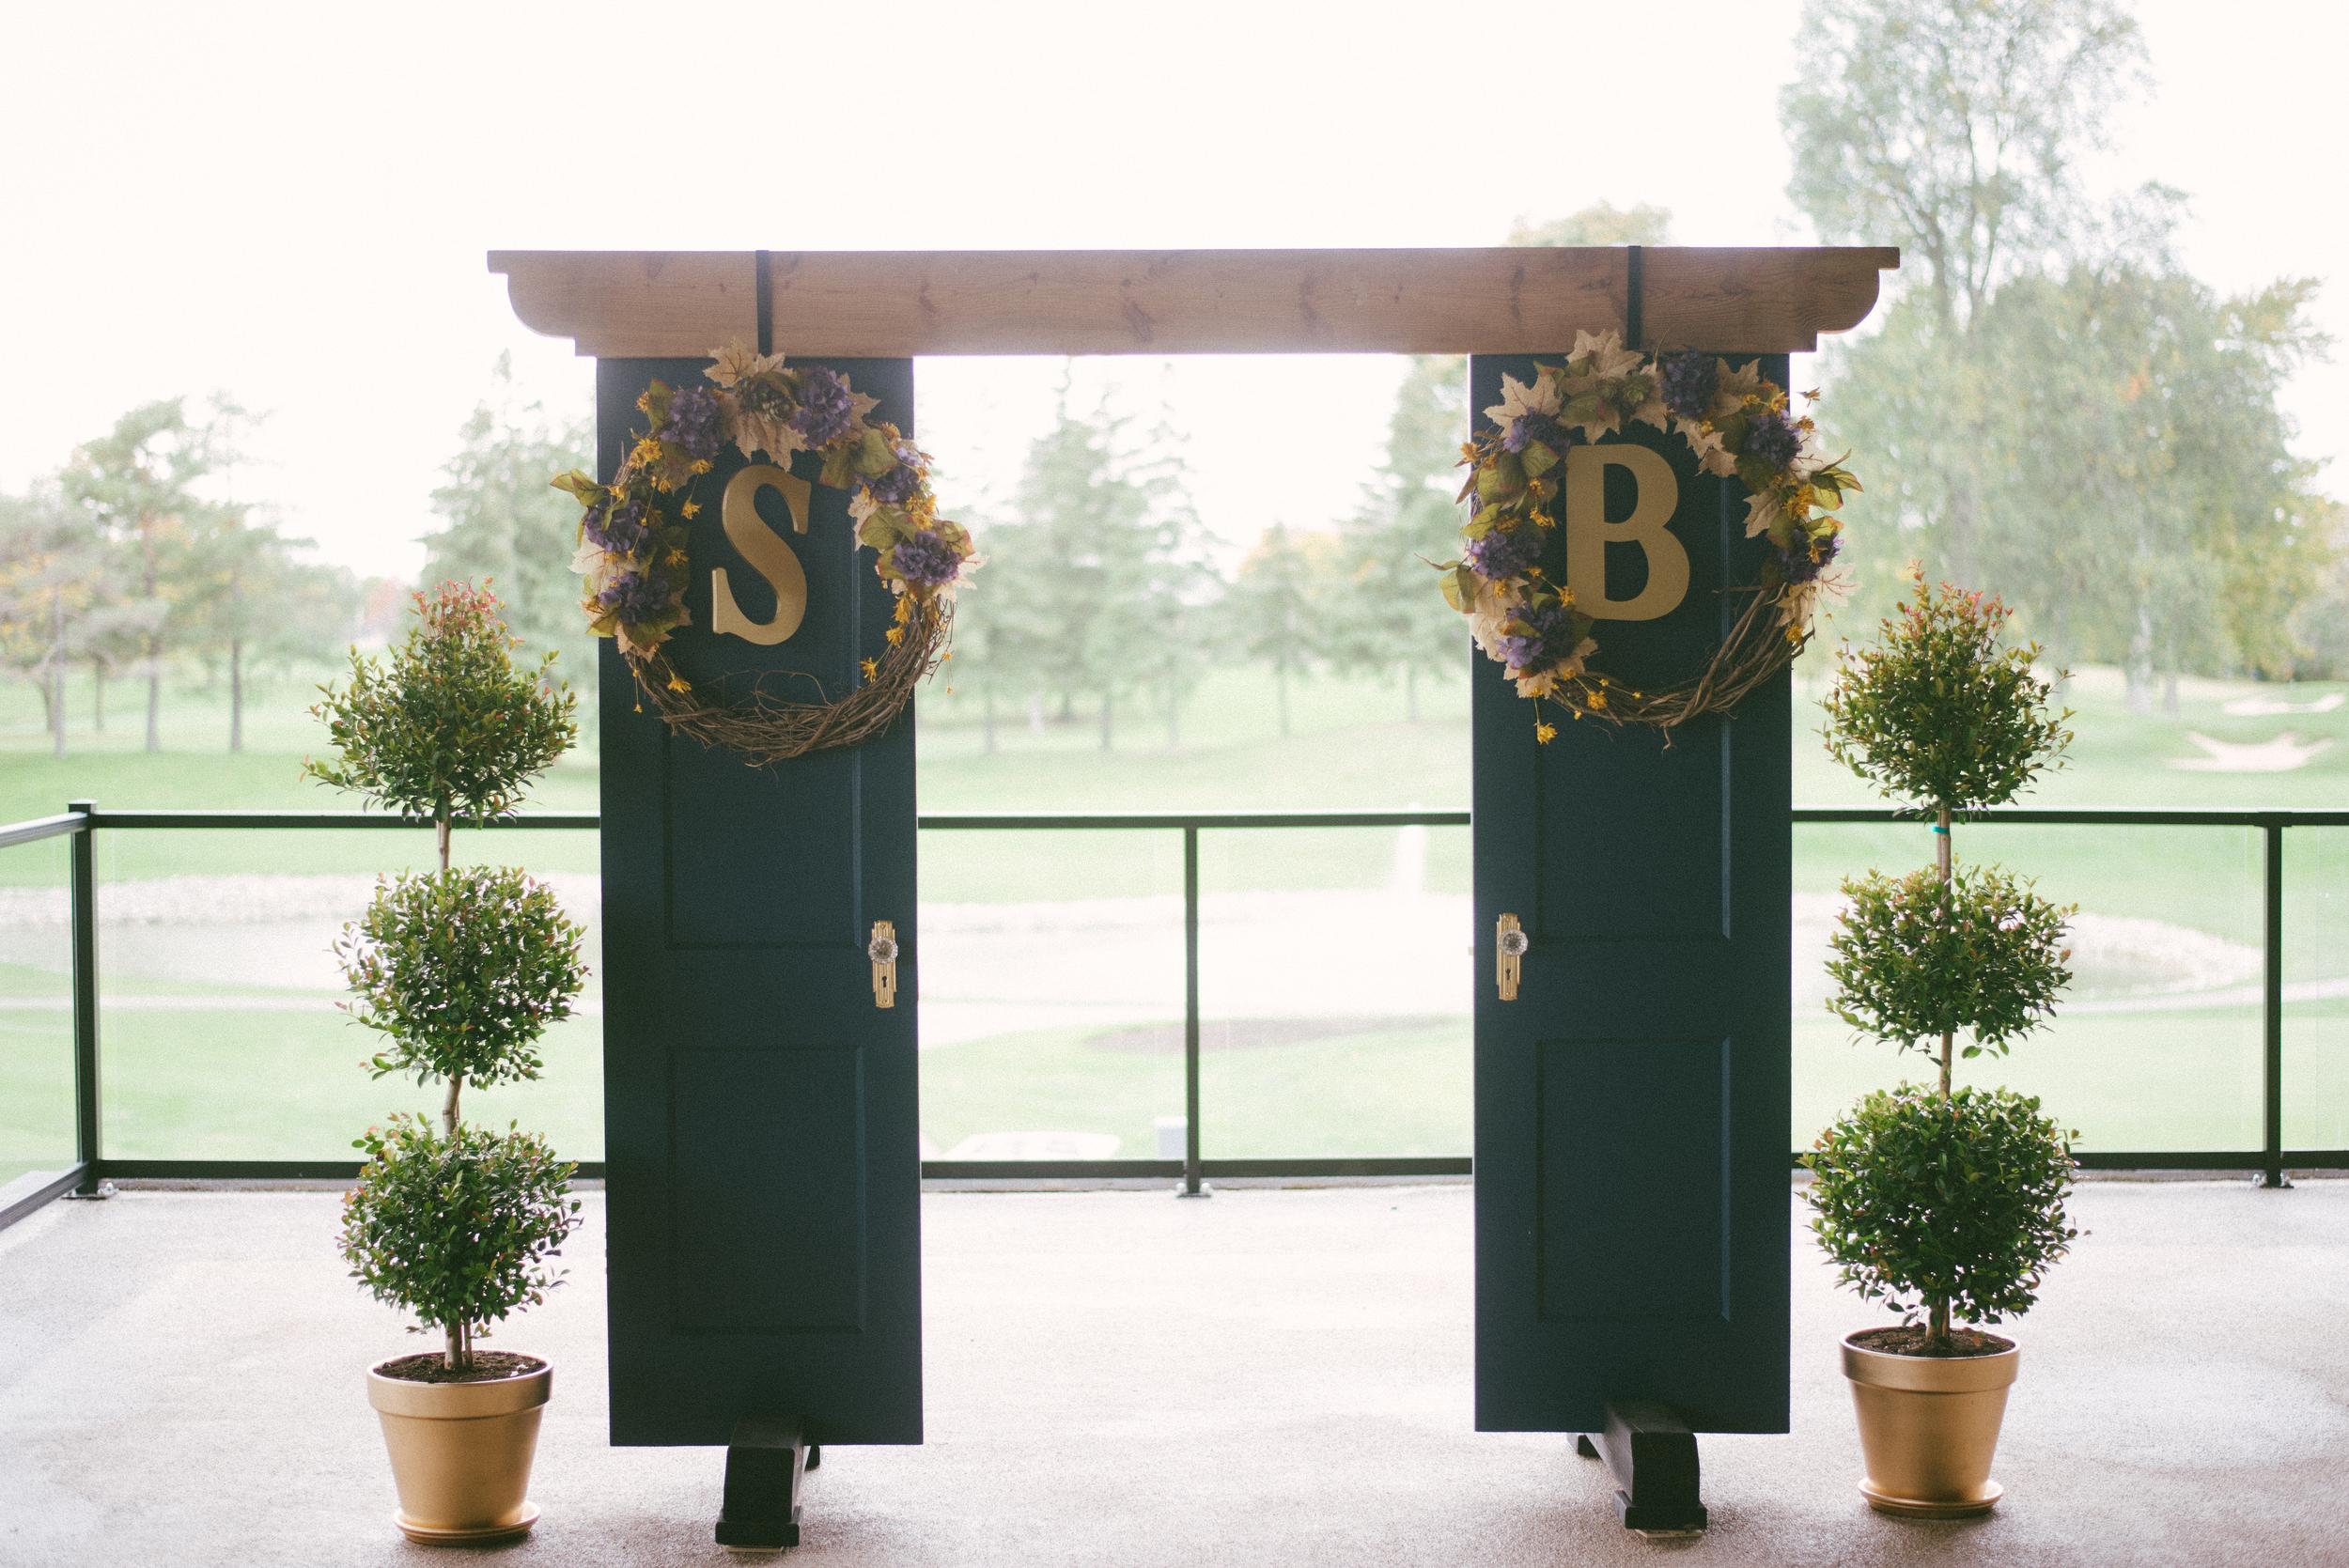 s+b-cer-3.jpg